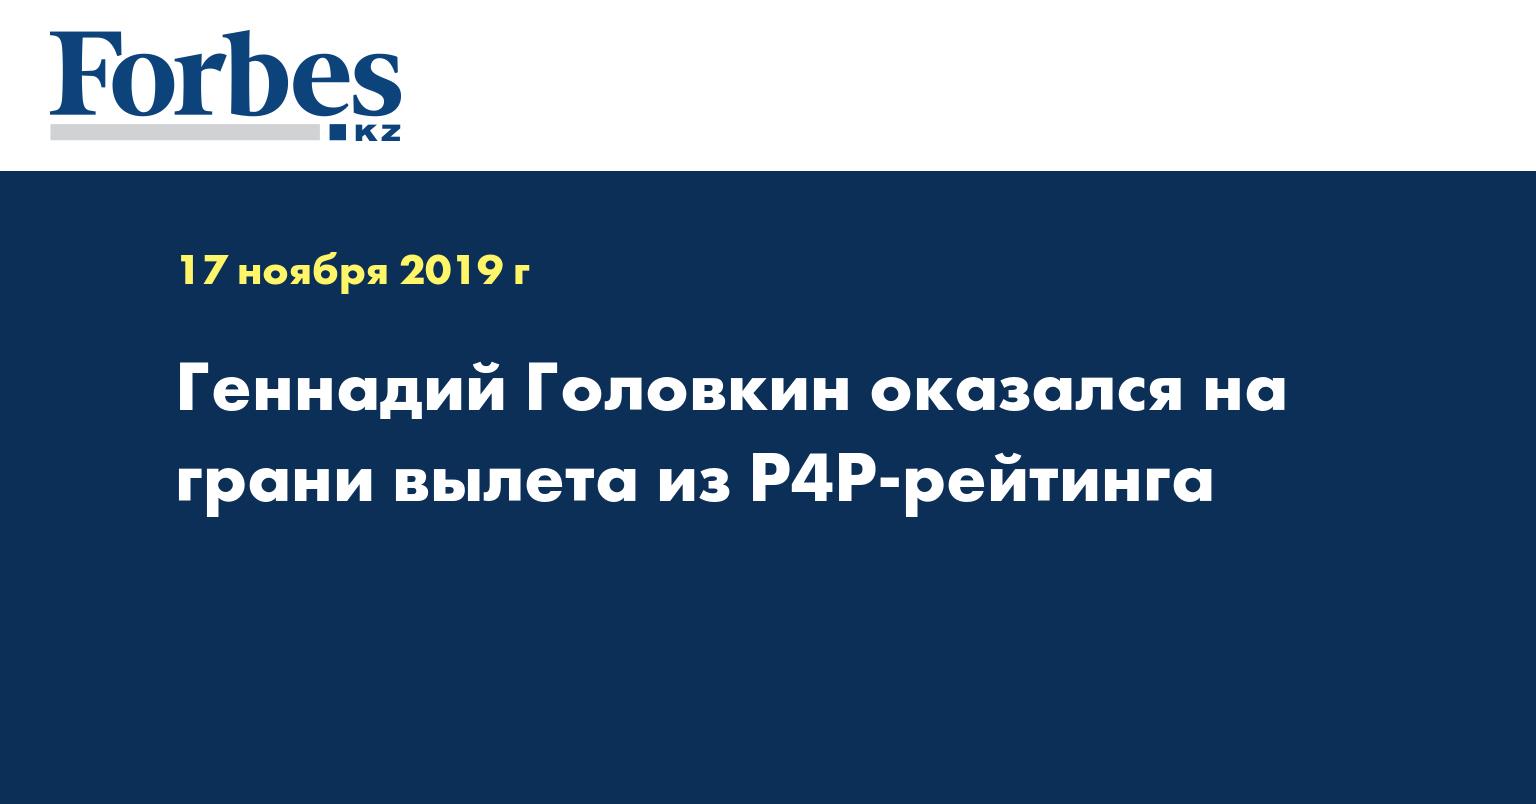 Геннадий Головкин оказался на грани вылета из P4P-рейтинга